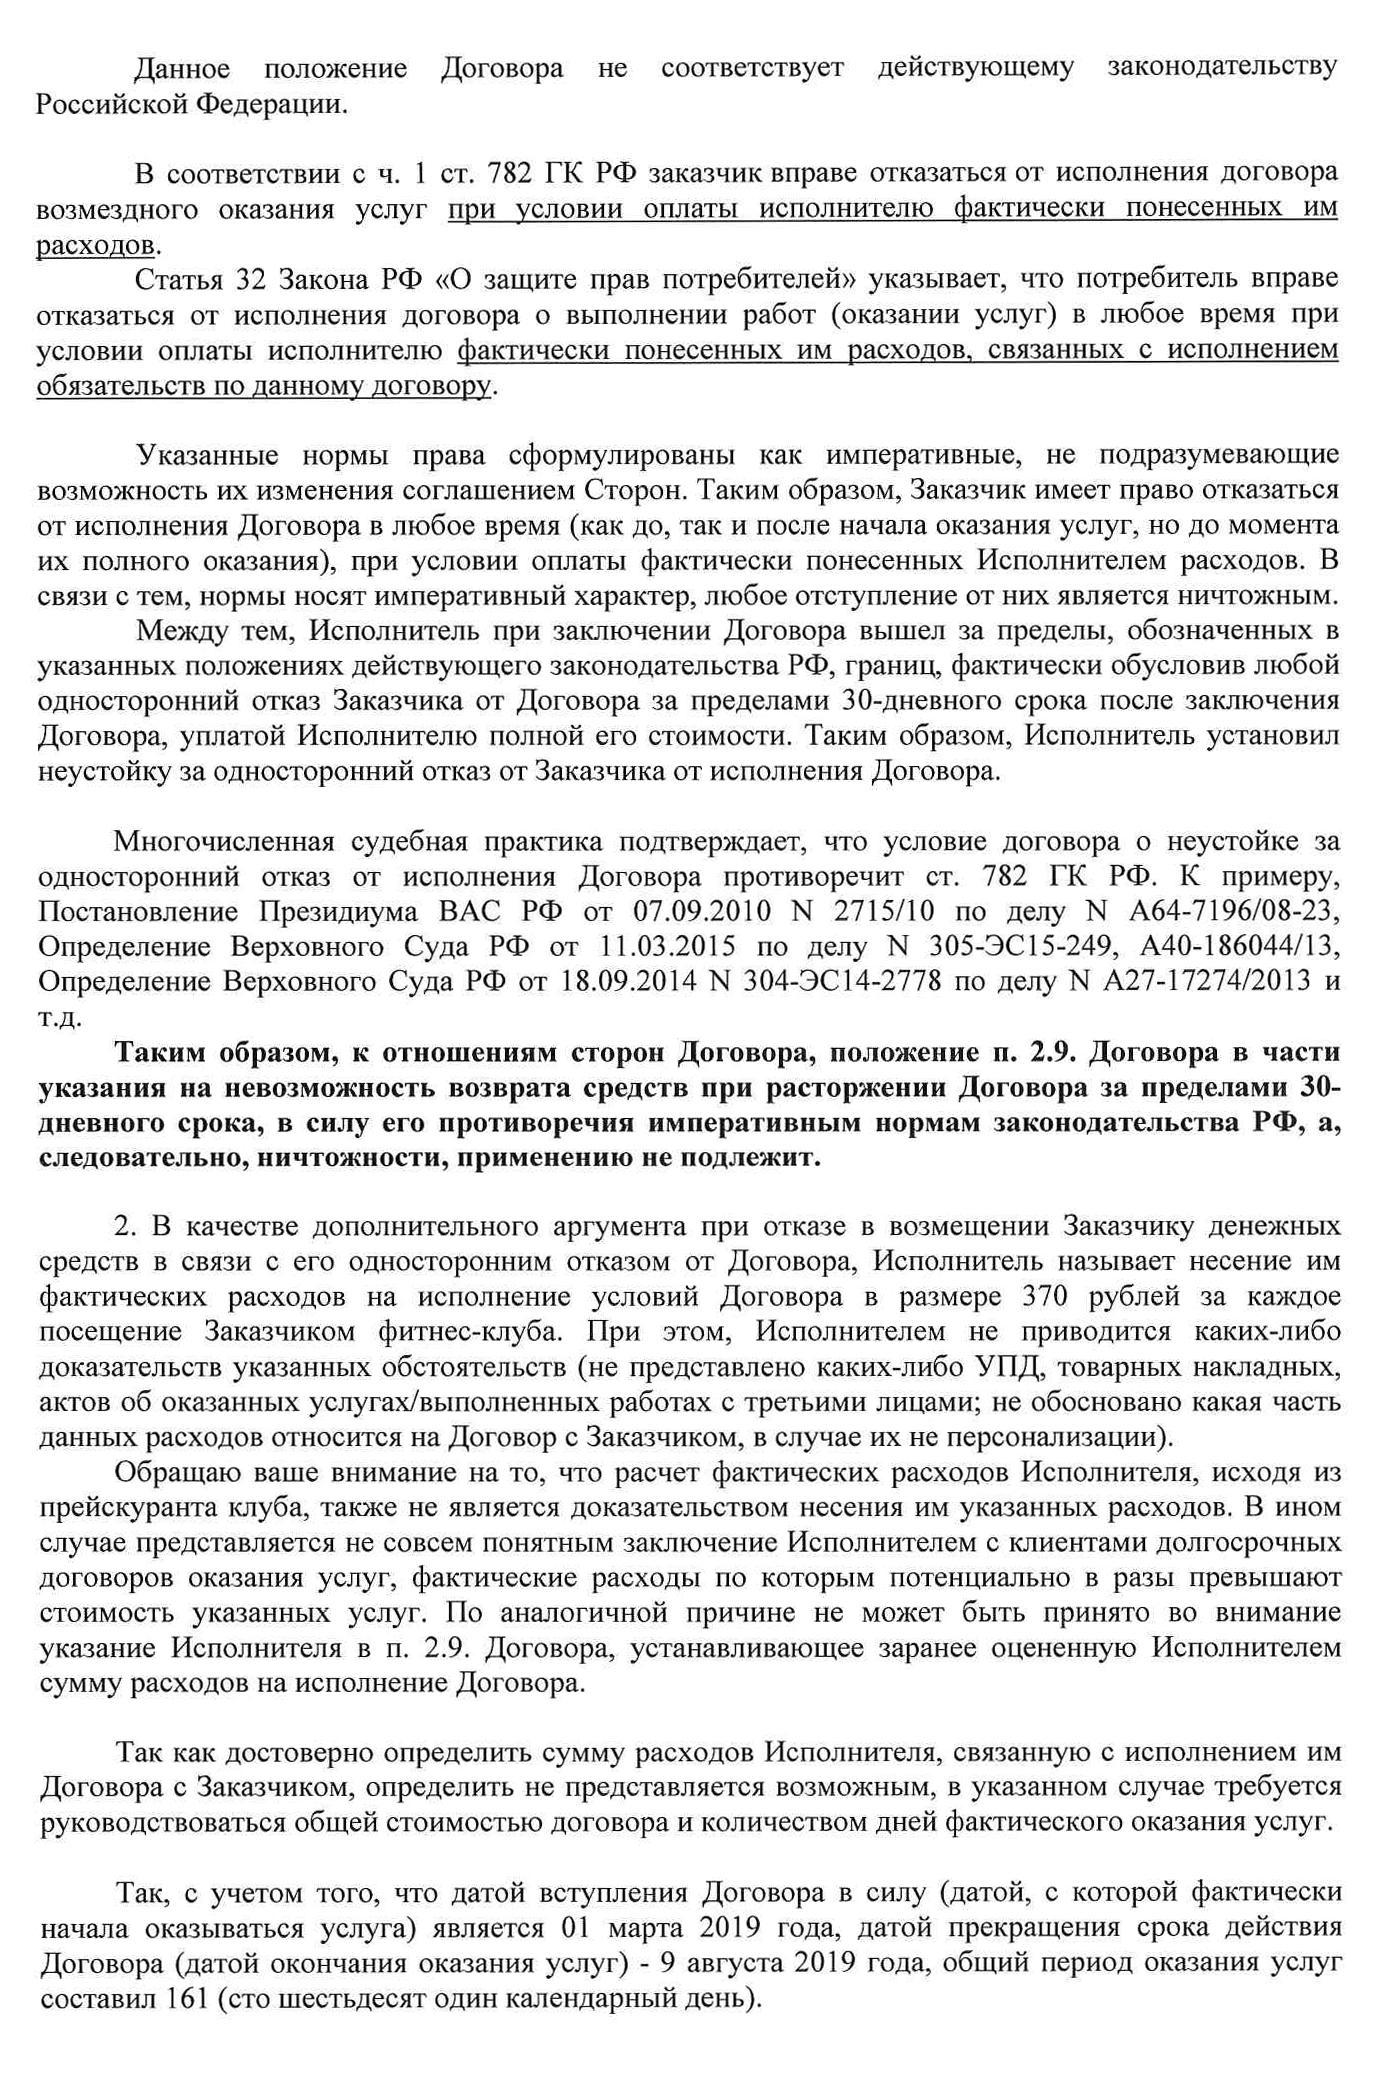 Итоговый вариант претензии, который я&nbsp;направила клубу: требовала выплатить мне&nbsp;4214,14<span class=ruble>Р</span> — неизрасходованную стоимость абонемента — и&nbsp;проценты